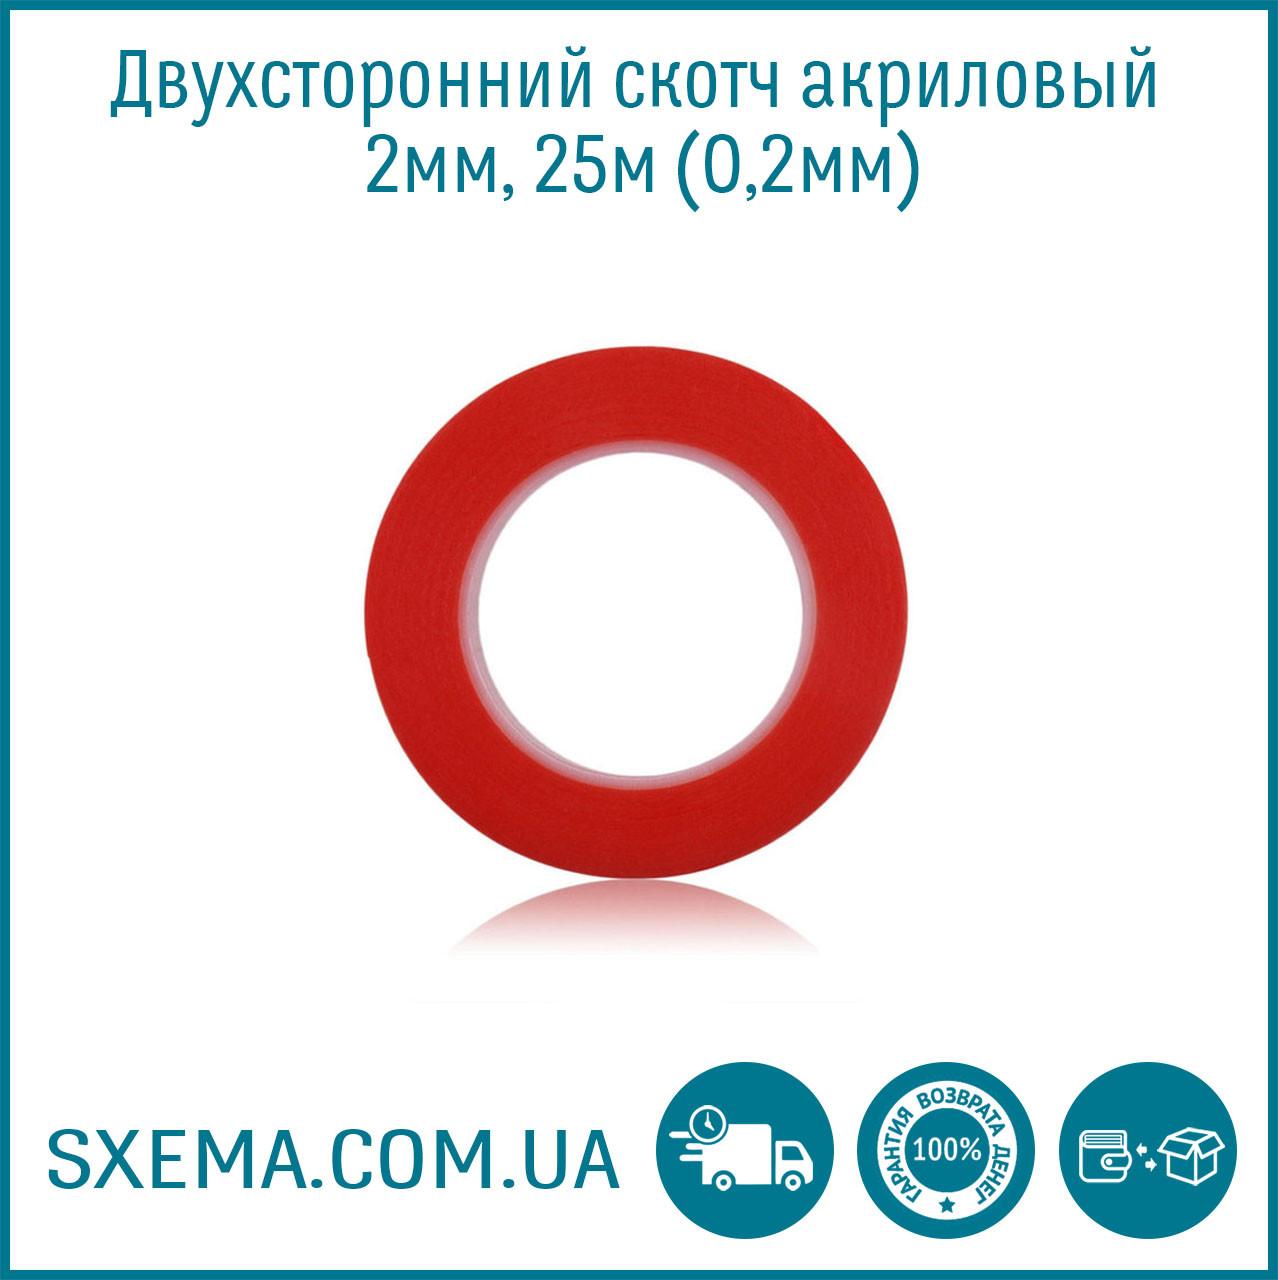 Двухсторонний скотч акриловый, ширина 2мм, длина 25м, толщина 0.2мм